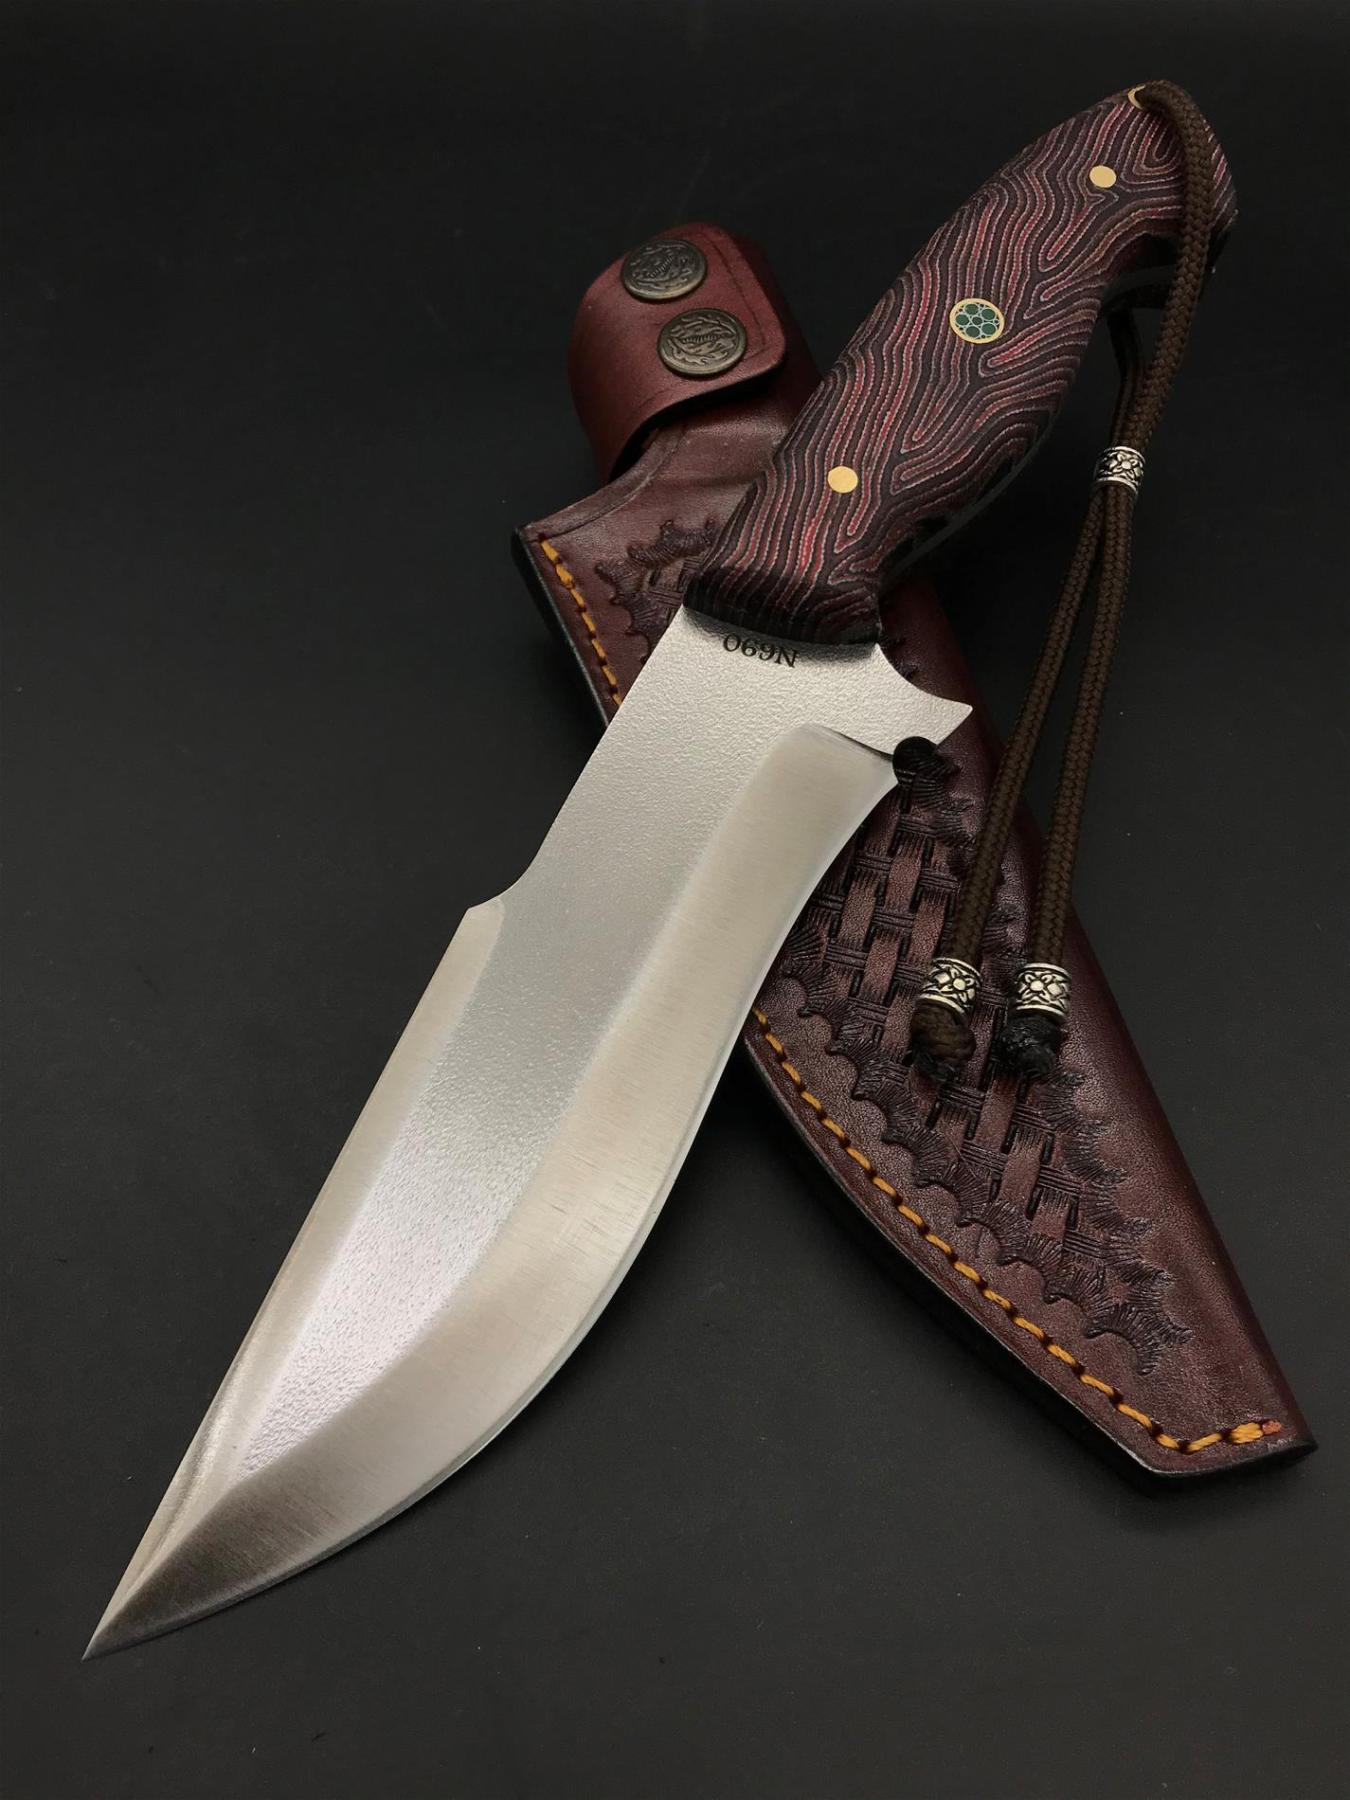 BOHLER N690 Camping Knife BB04-2